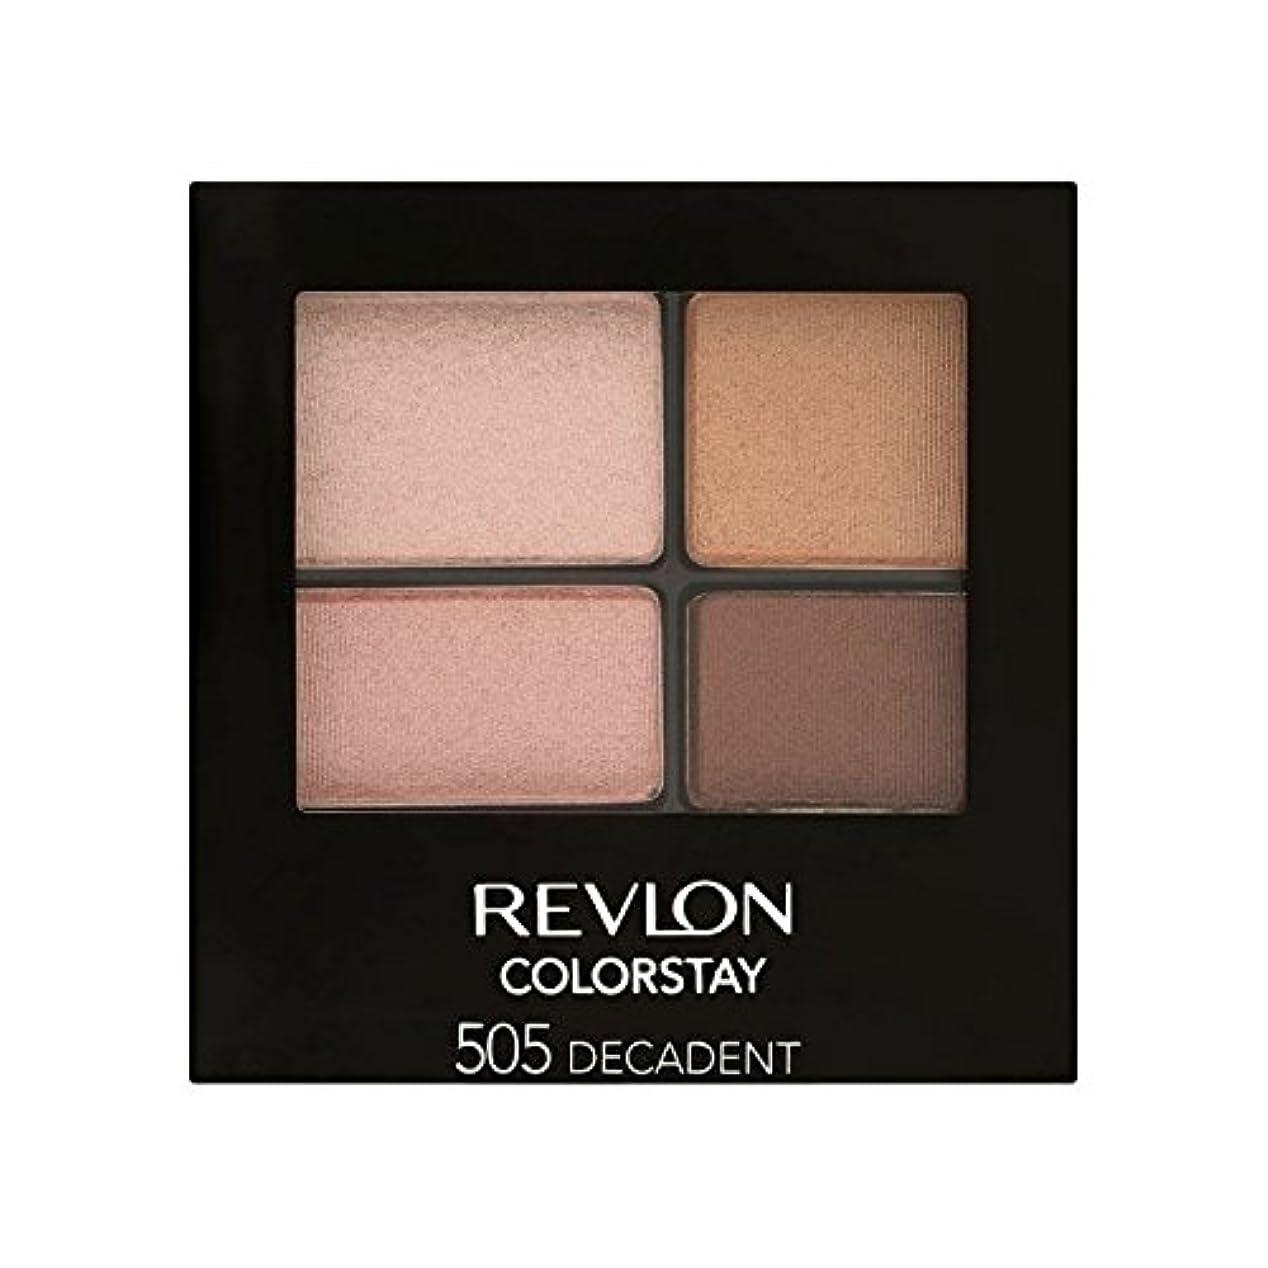 甘くするつぼみイディオムレブロン 16時間のアイシャドウ退廃505 x4 - Revlon Colorstay 16 Hour Eye Shadow Decadent 505 (Pack of 4) [並行輸入品]